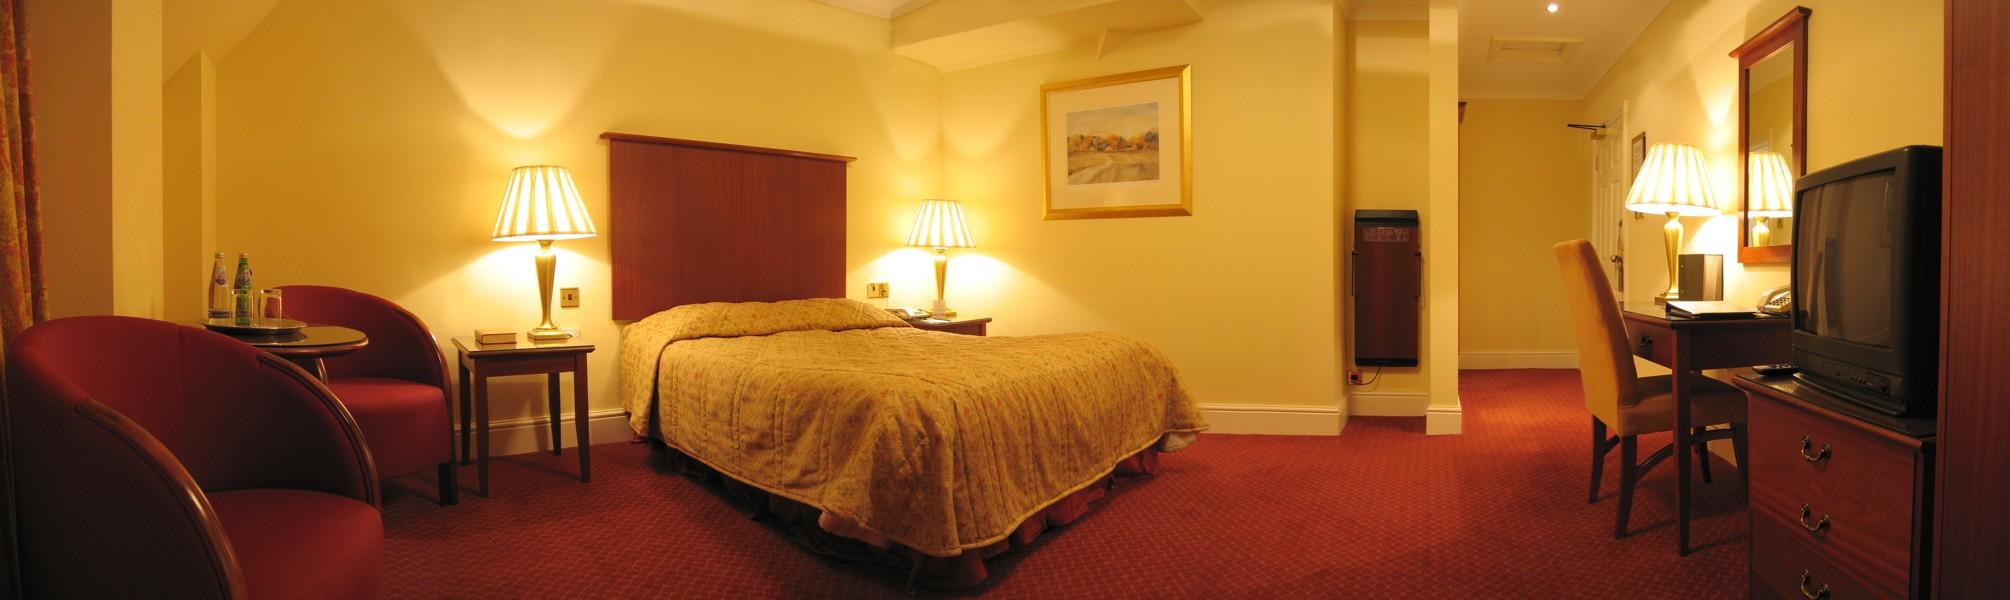 star hotel bedroom